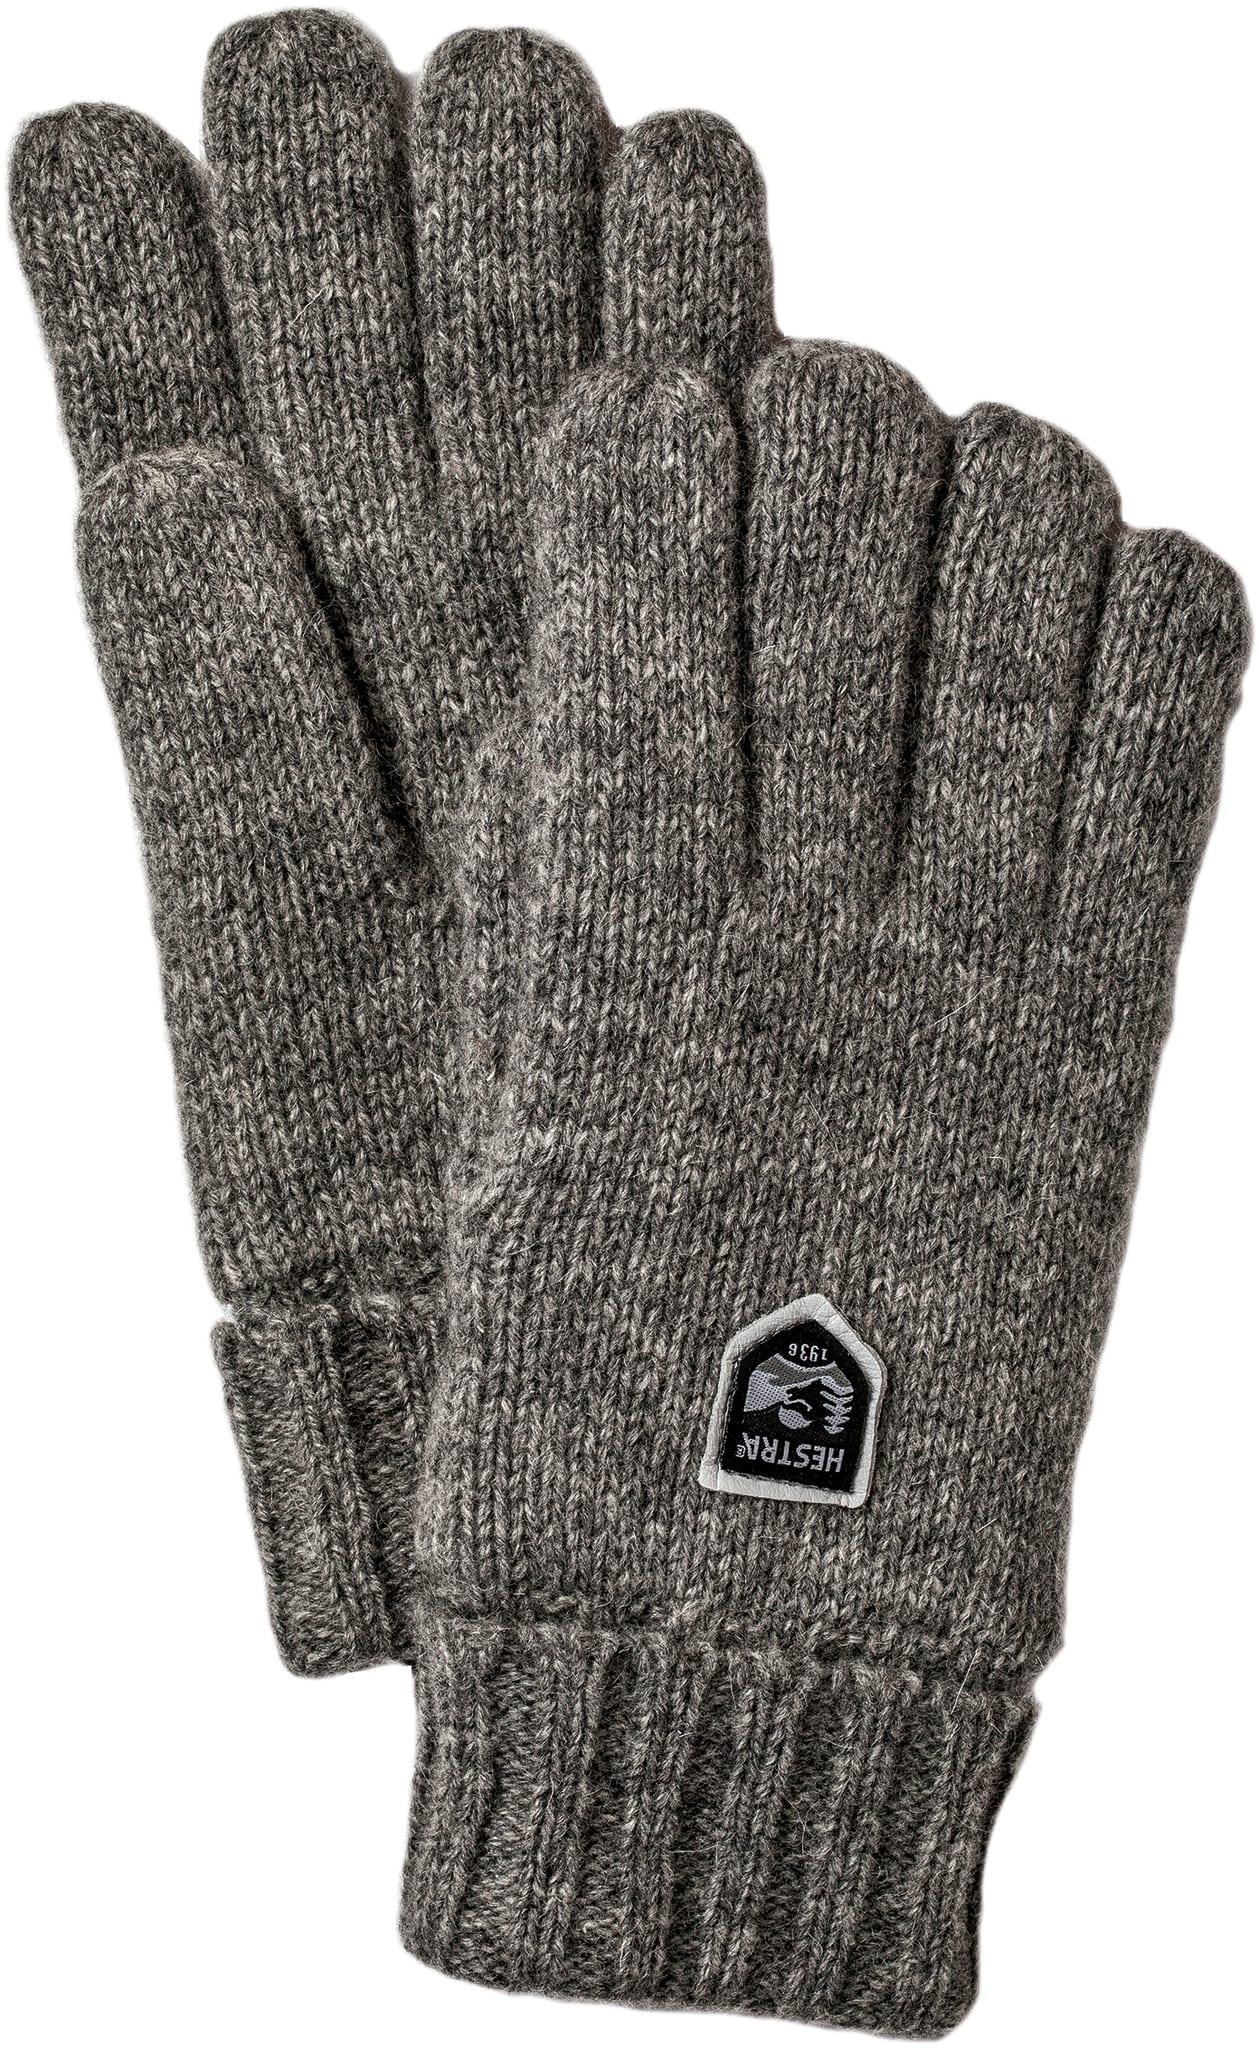 Varm hanske av Shetland ull